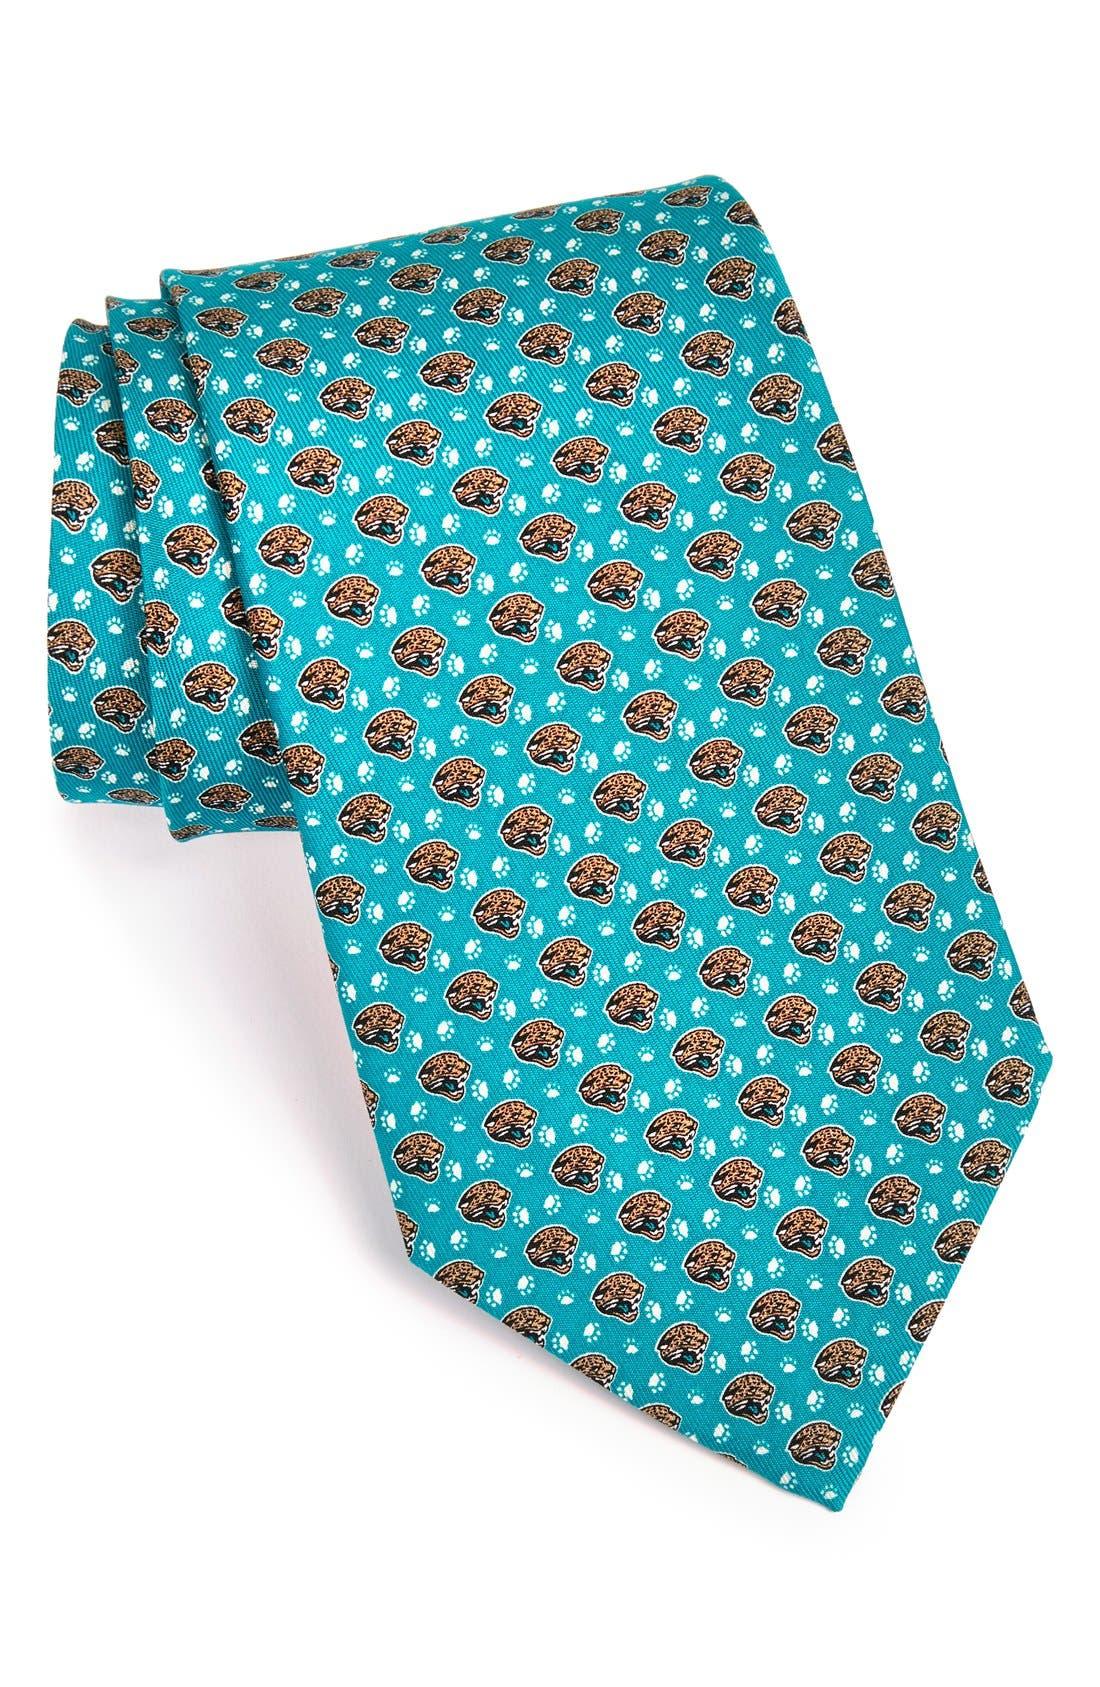 Jacksonville Jaguars - NFL Woven Silk Tie,                         Main,                         color, 453